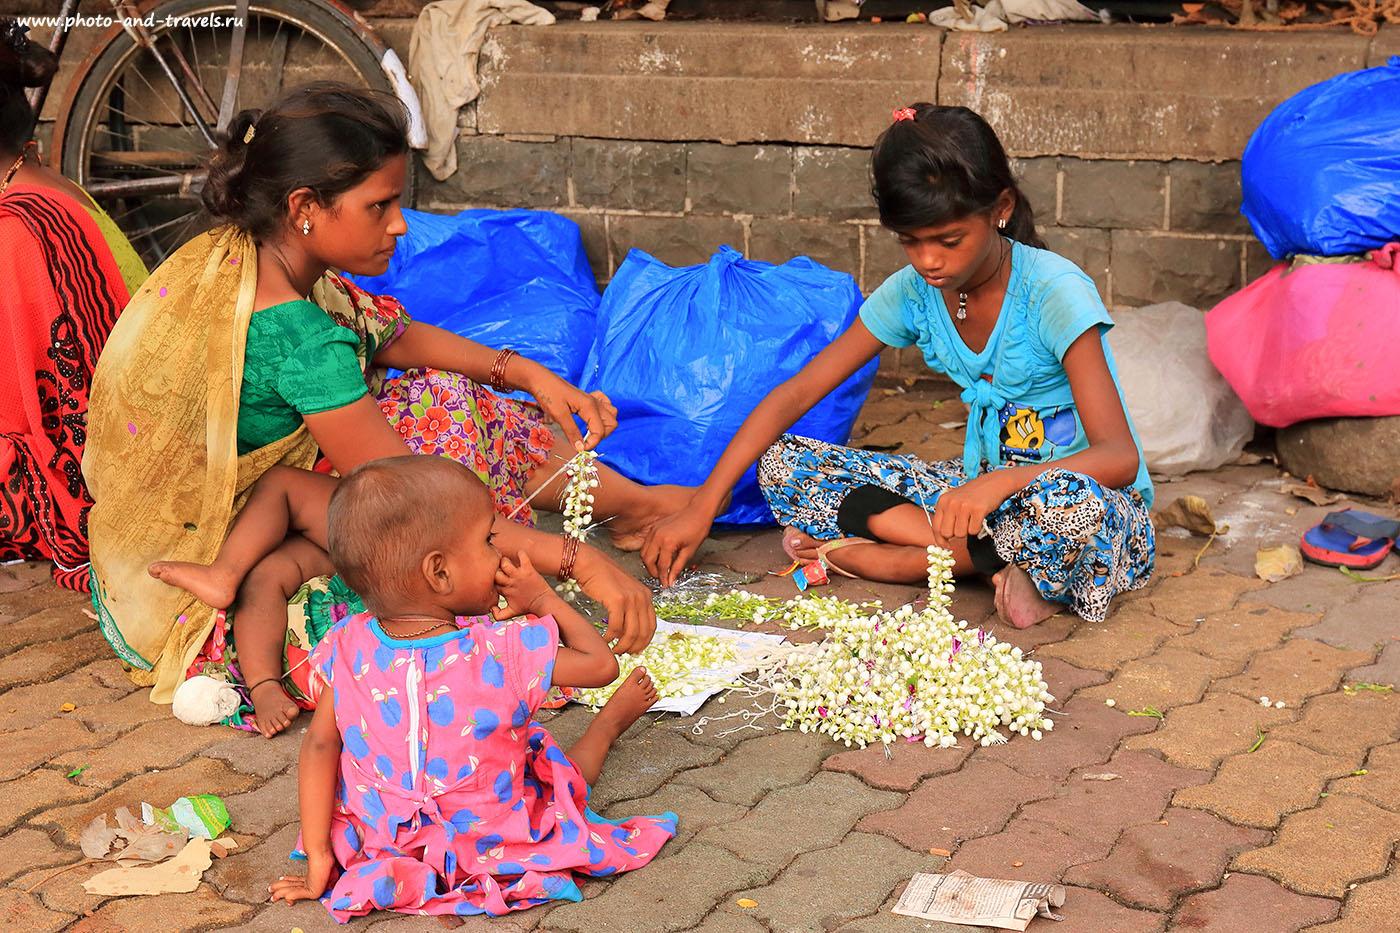 Фото №11. Люди на тротуарах Мумбаи. Поездка в Индию самостоятельно в октябре. (24-70, 1/200, 0eV, f8, 50 mm, ISO 500)